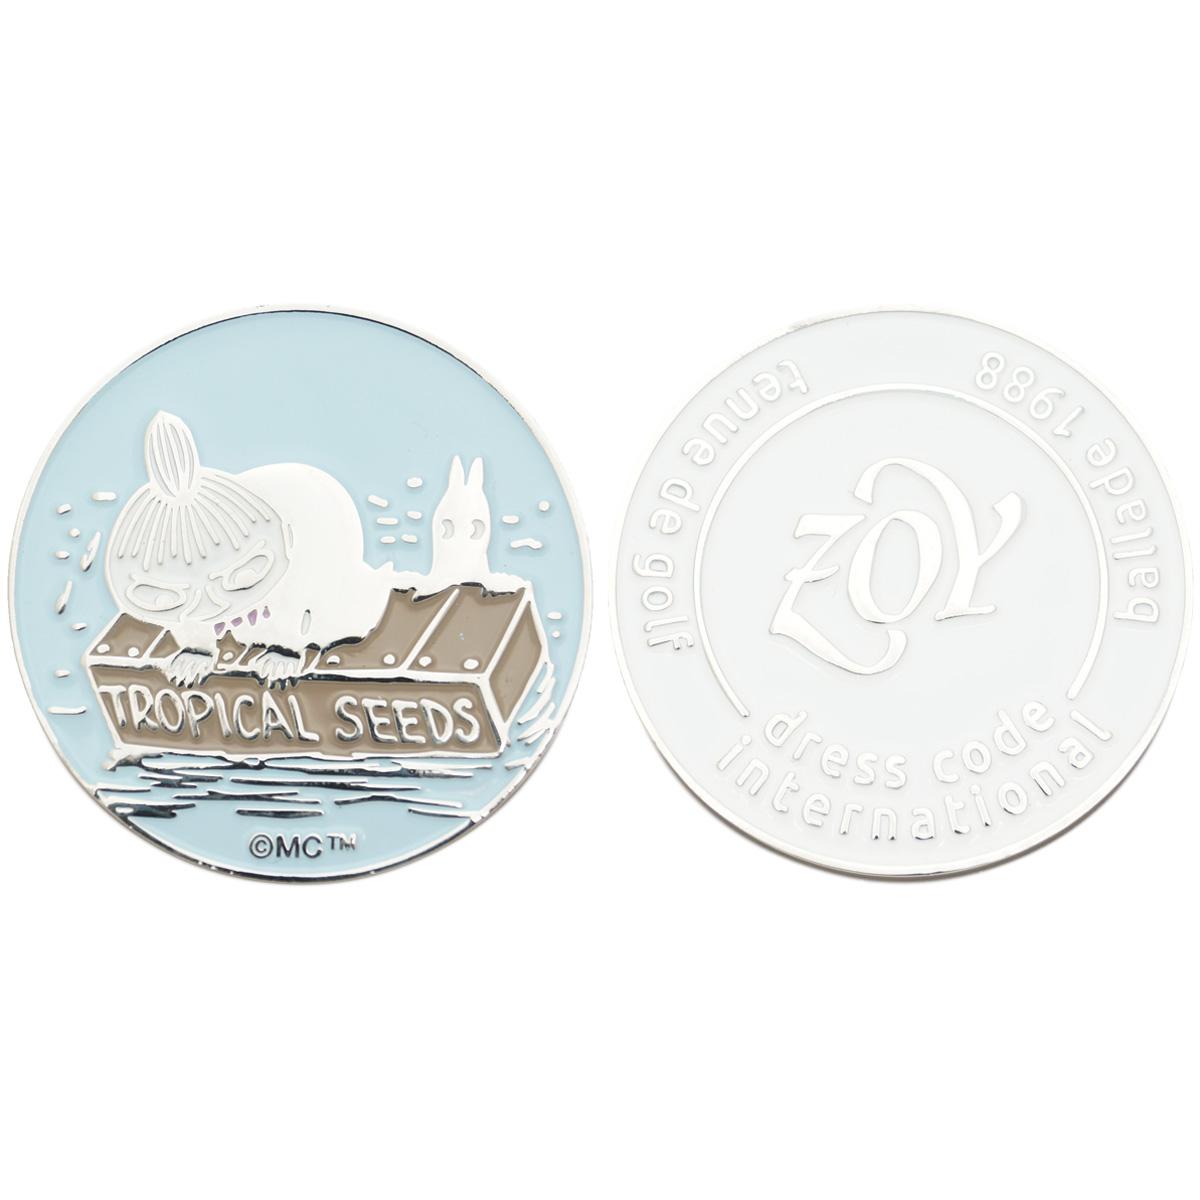 Moomin カジノチップマーカー